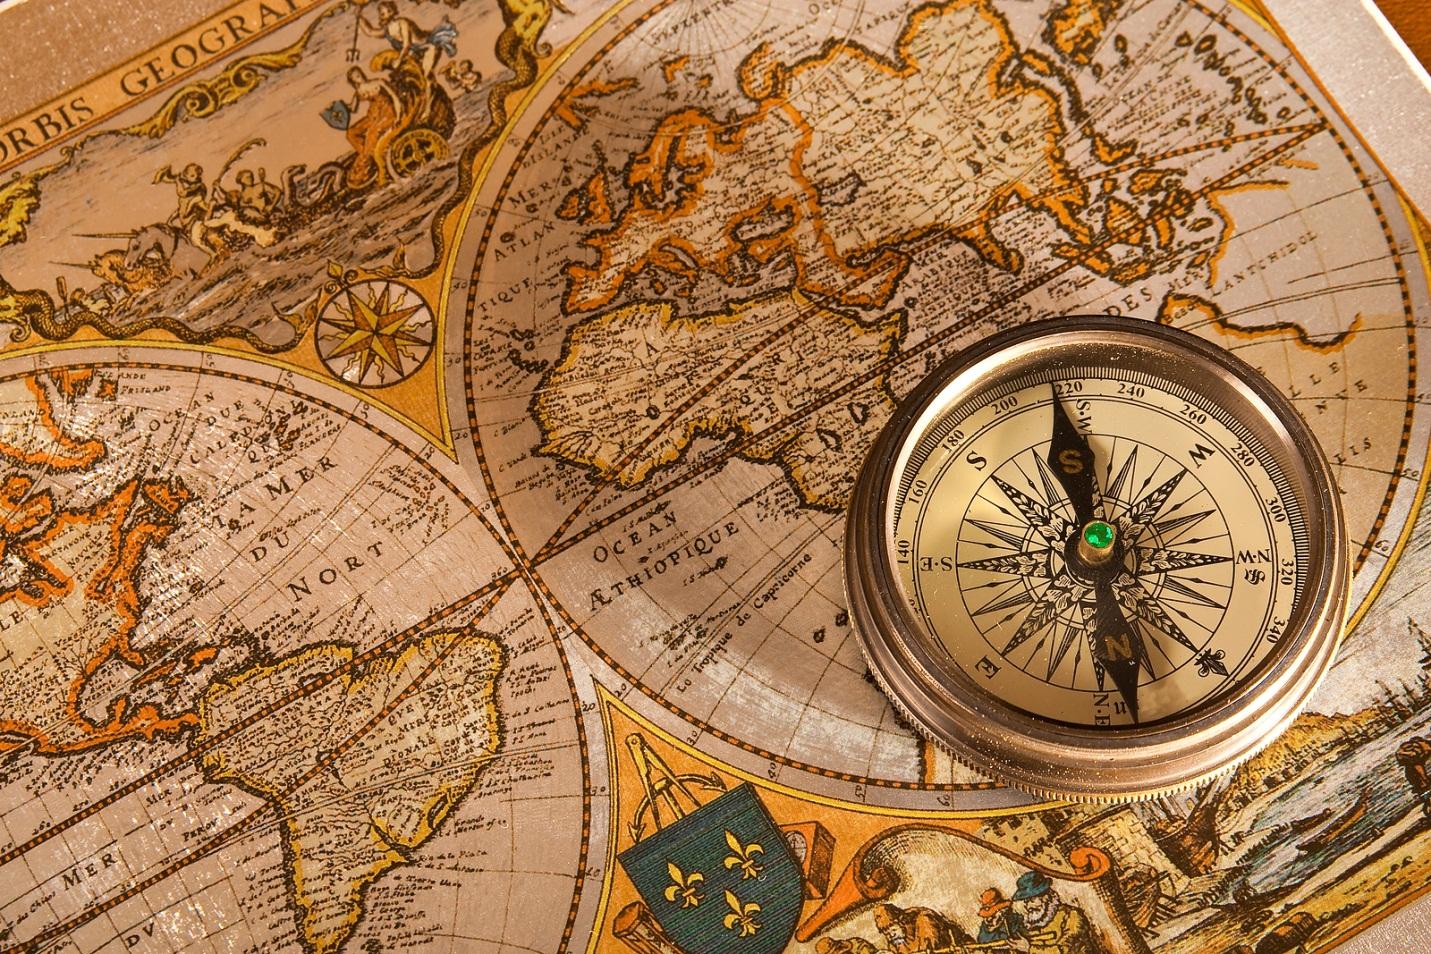 Hình nền powerpoint bản đồ thế giới la bàn và rất đẹp